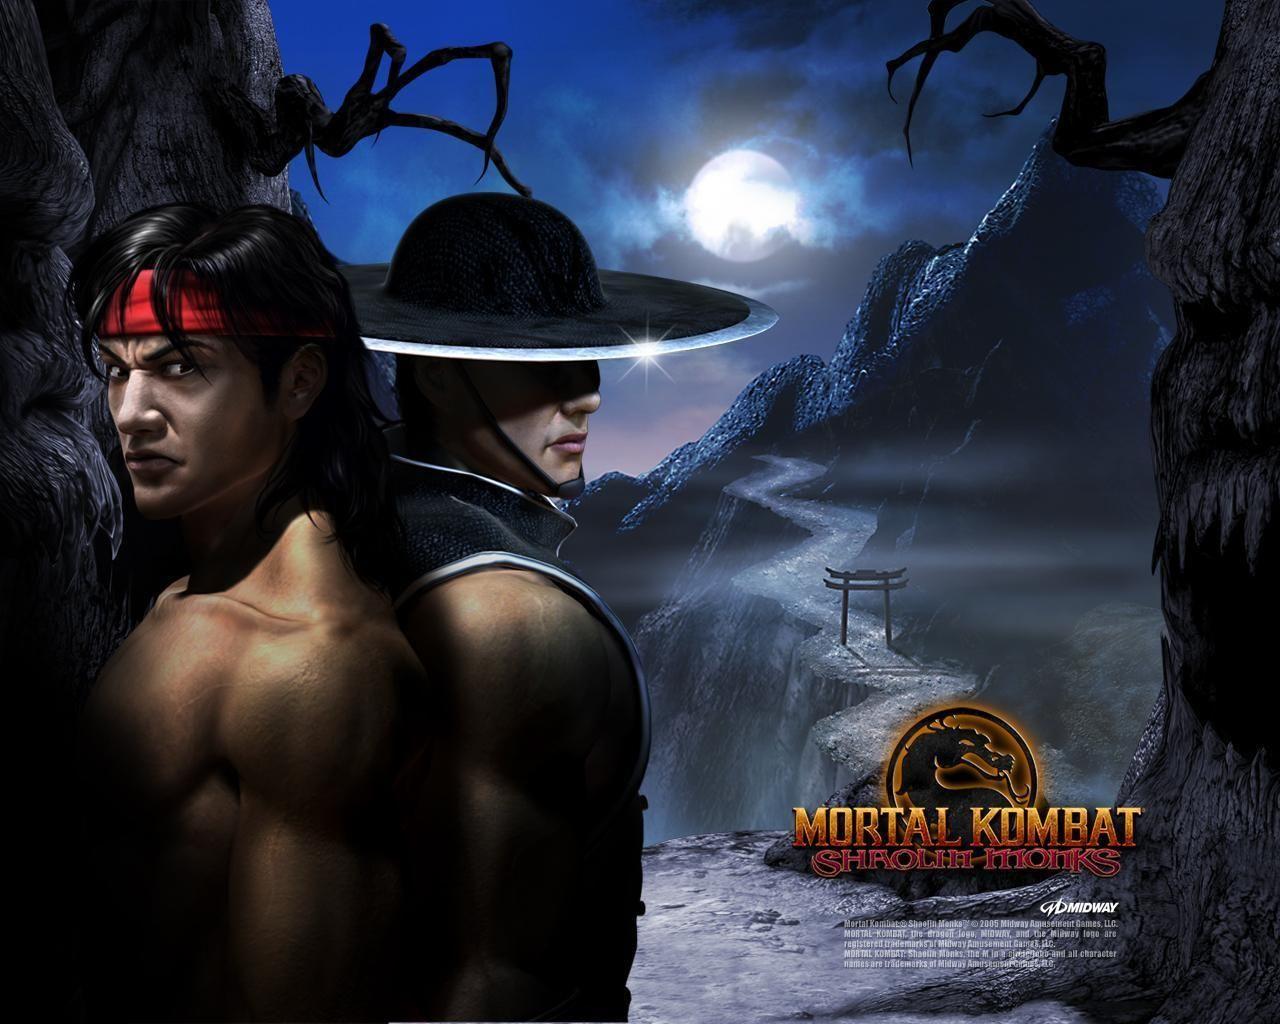 Mortal Kombat Wallpaper Mk Shaolin Monks Shaolin Monks Mortal Kombat Shaolin Monks Mortal Kombat